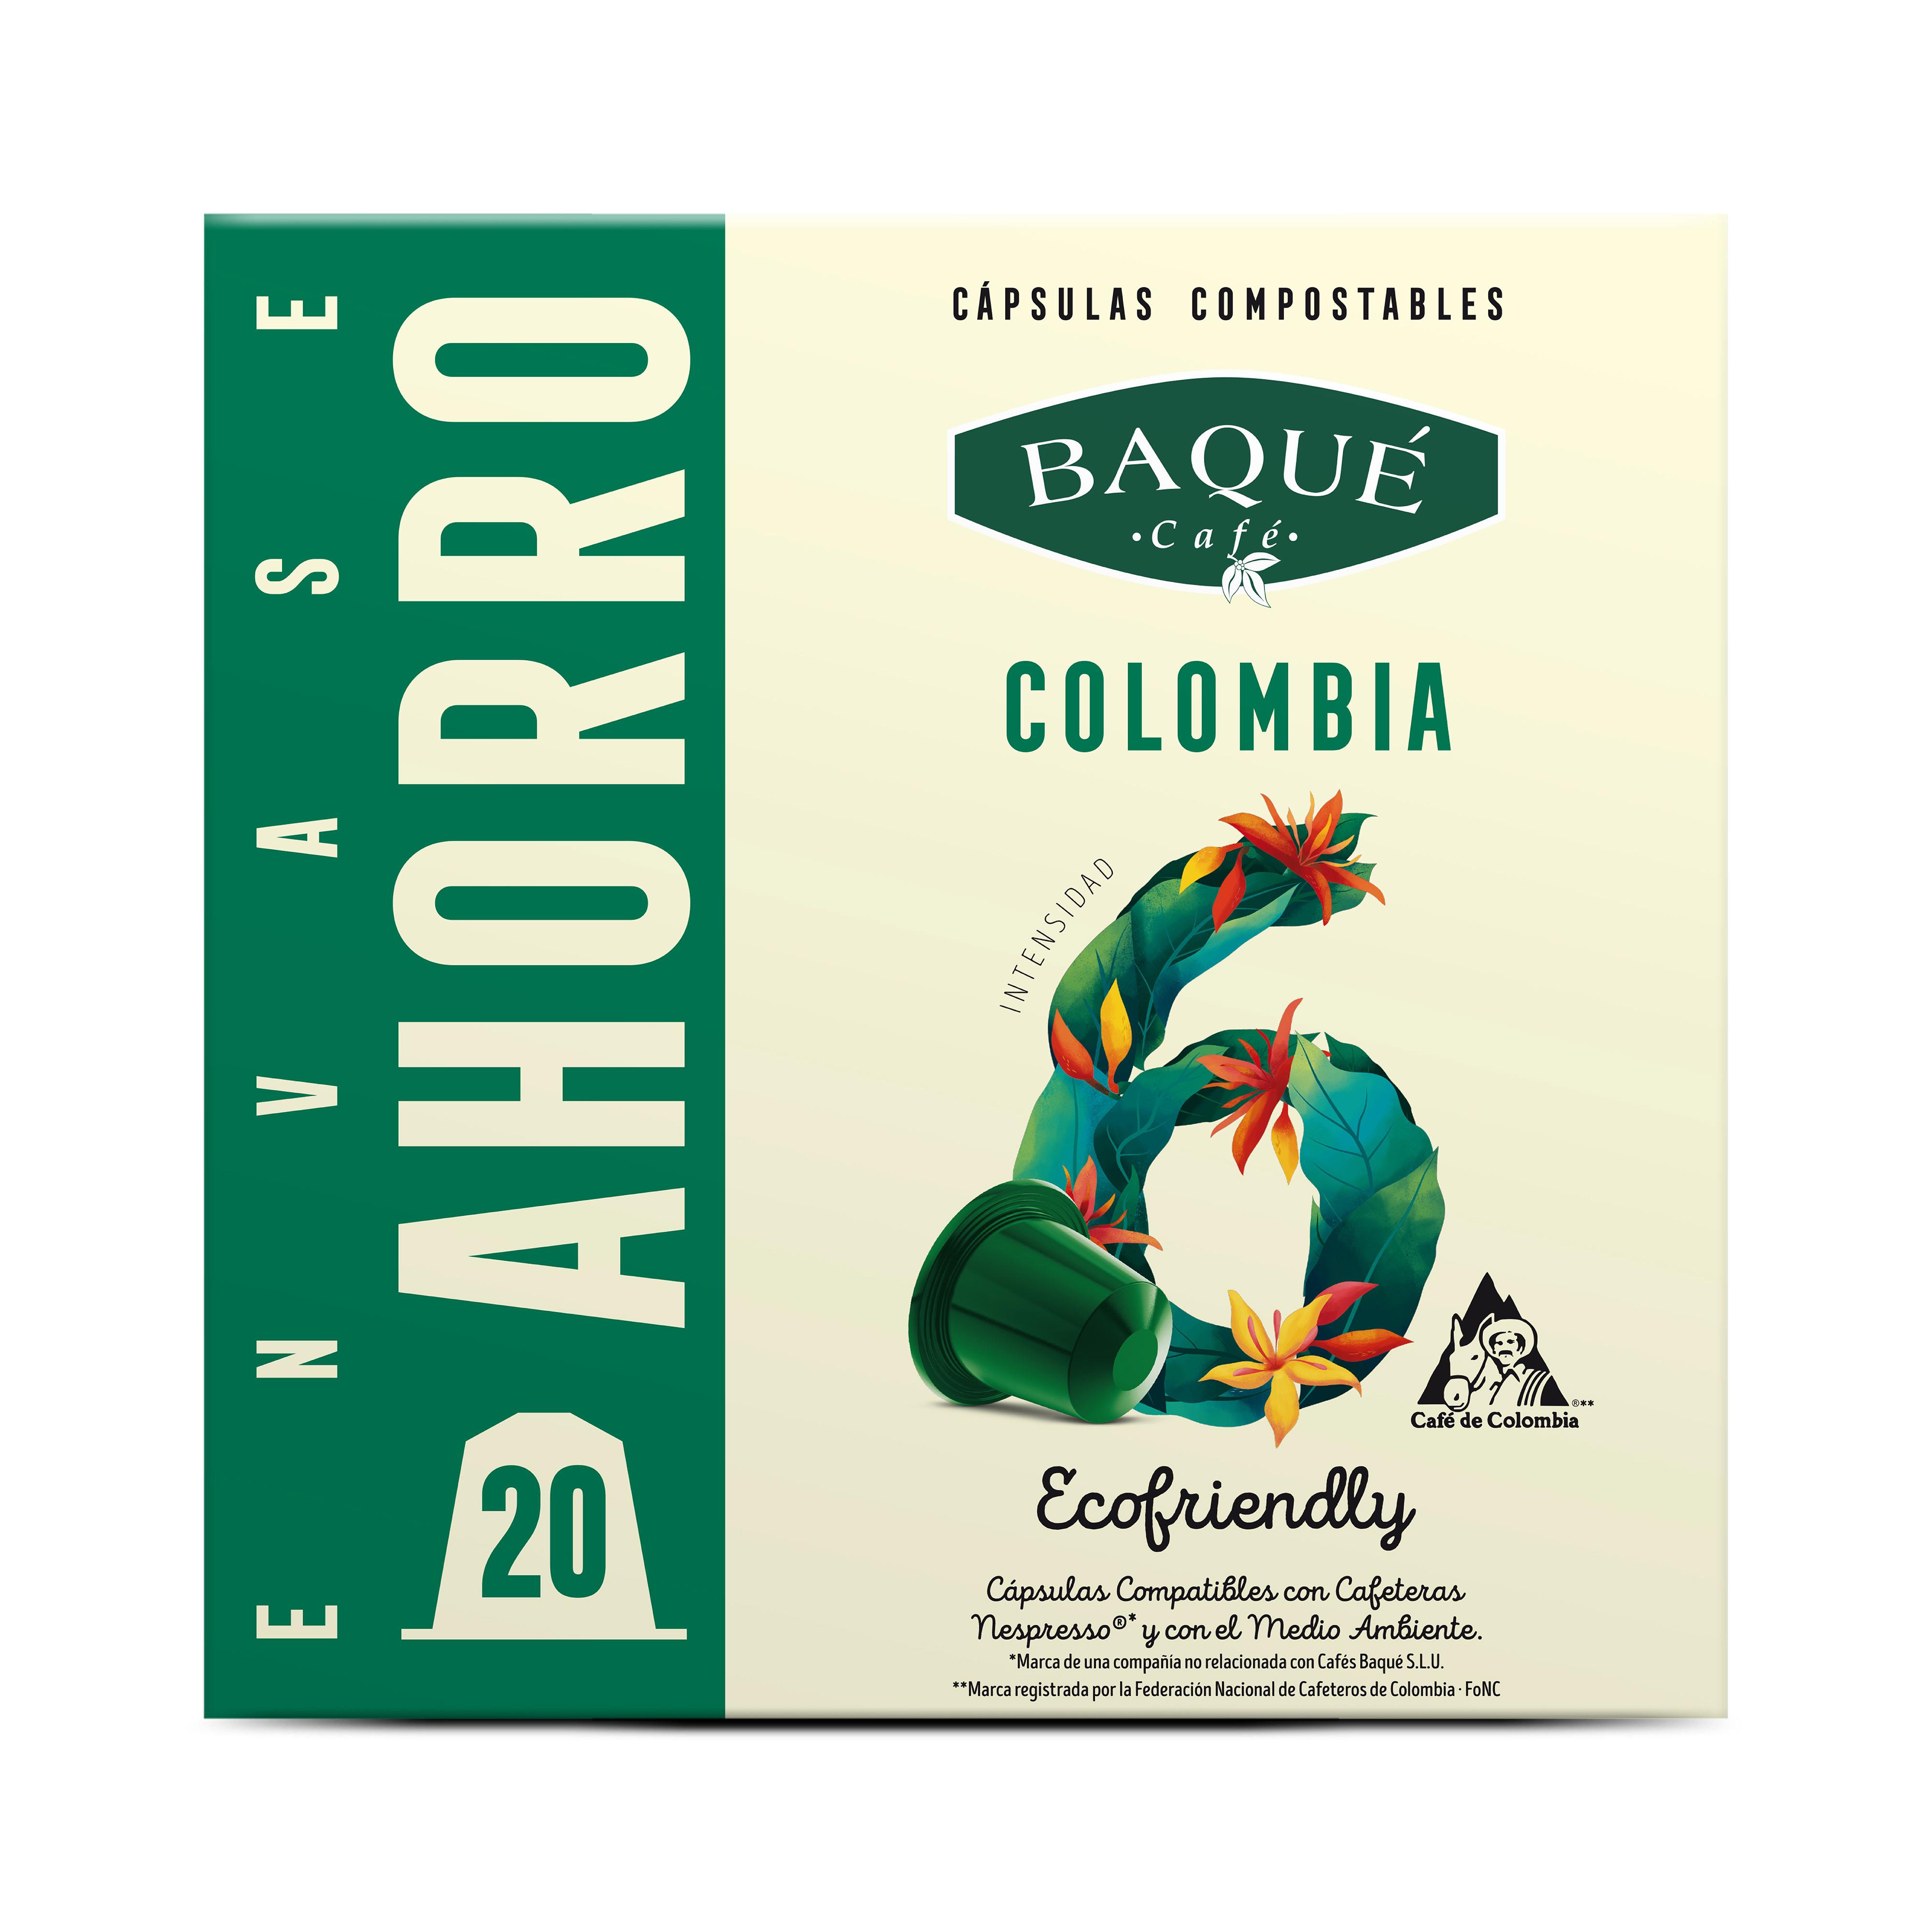 Kolonbia 20 kapsula Konpostagarri Nespresso®-rekin bateragarriak